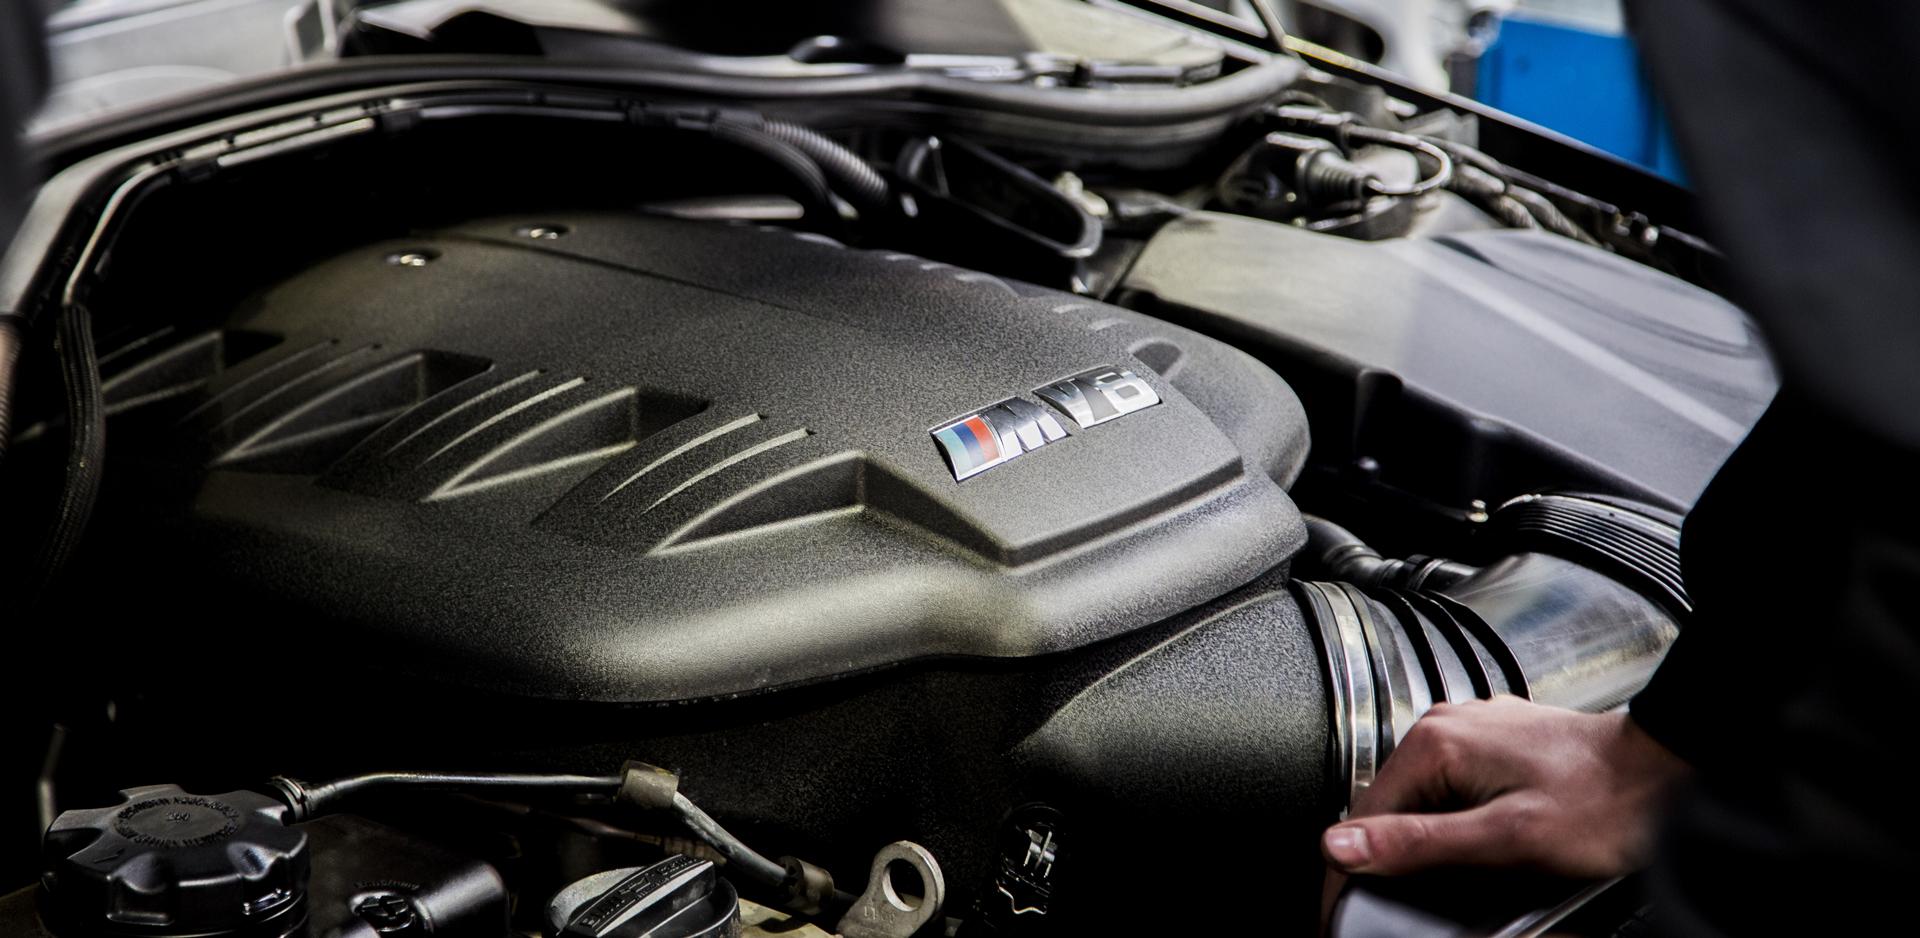 Crago's S65 M3 Engine